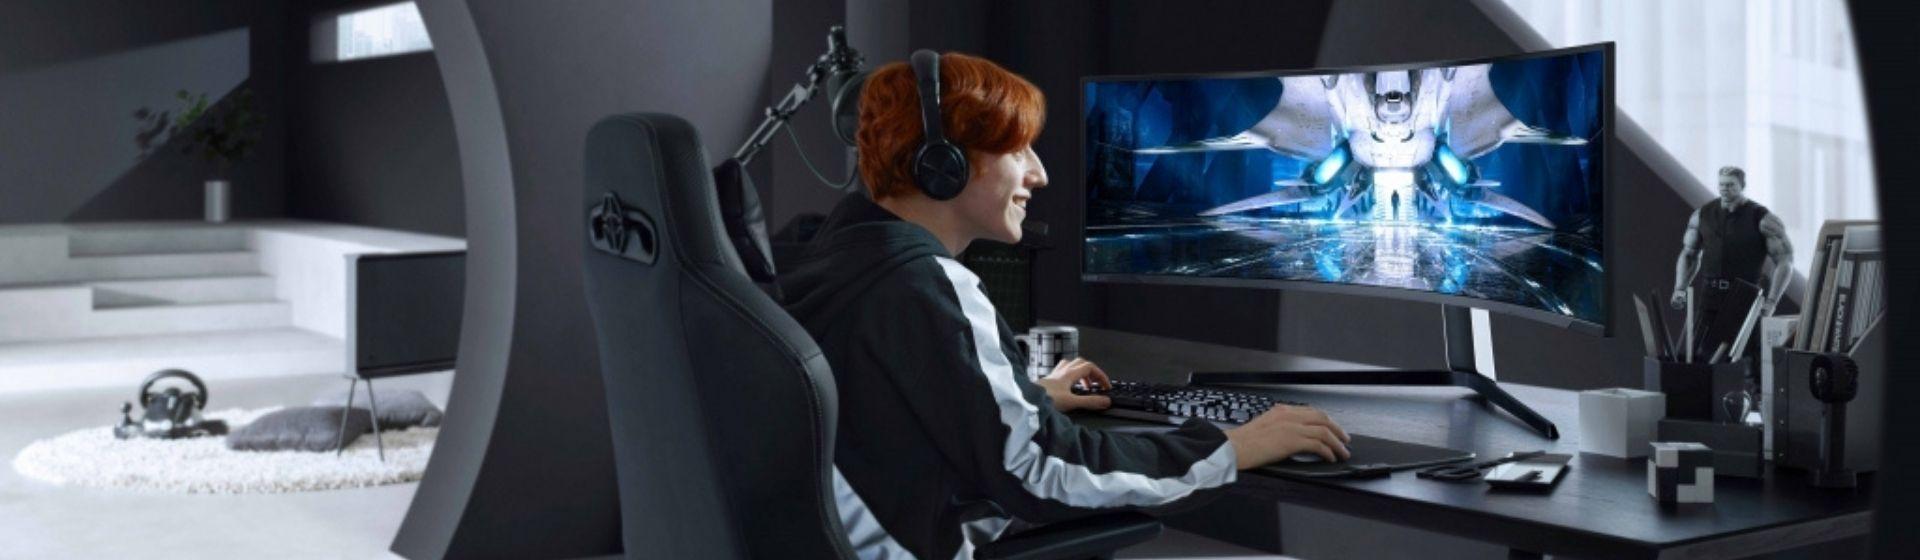 Melhor monitor curvo para comprar em 2021: 9 modelos com boa imagem